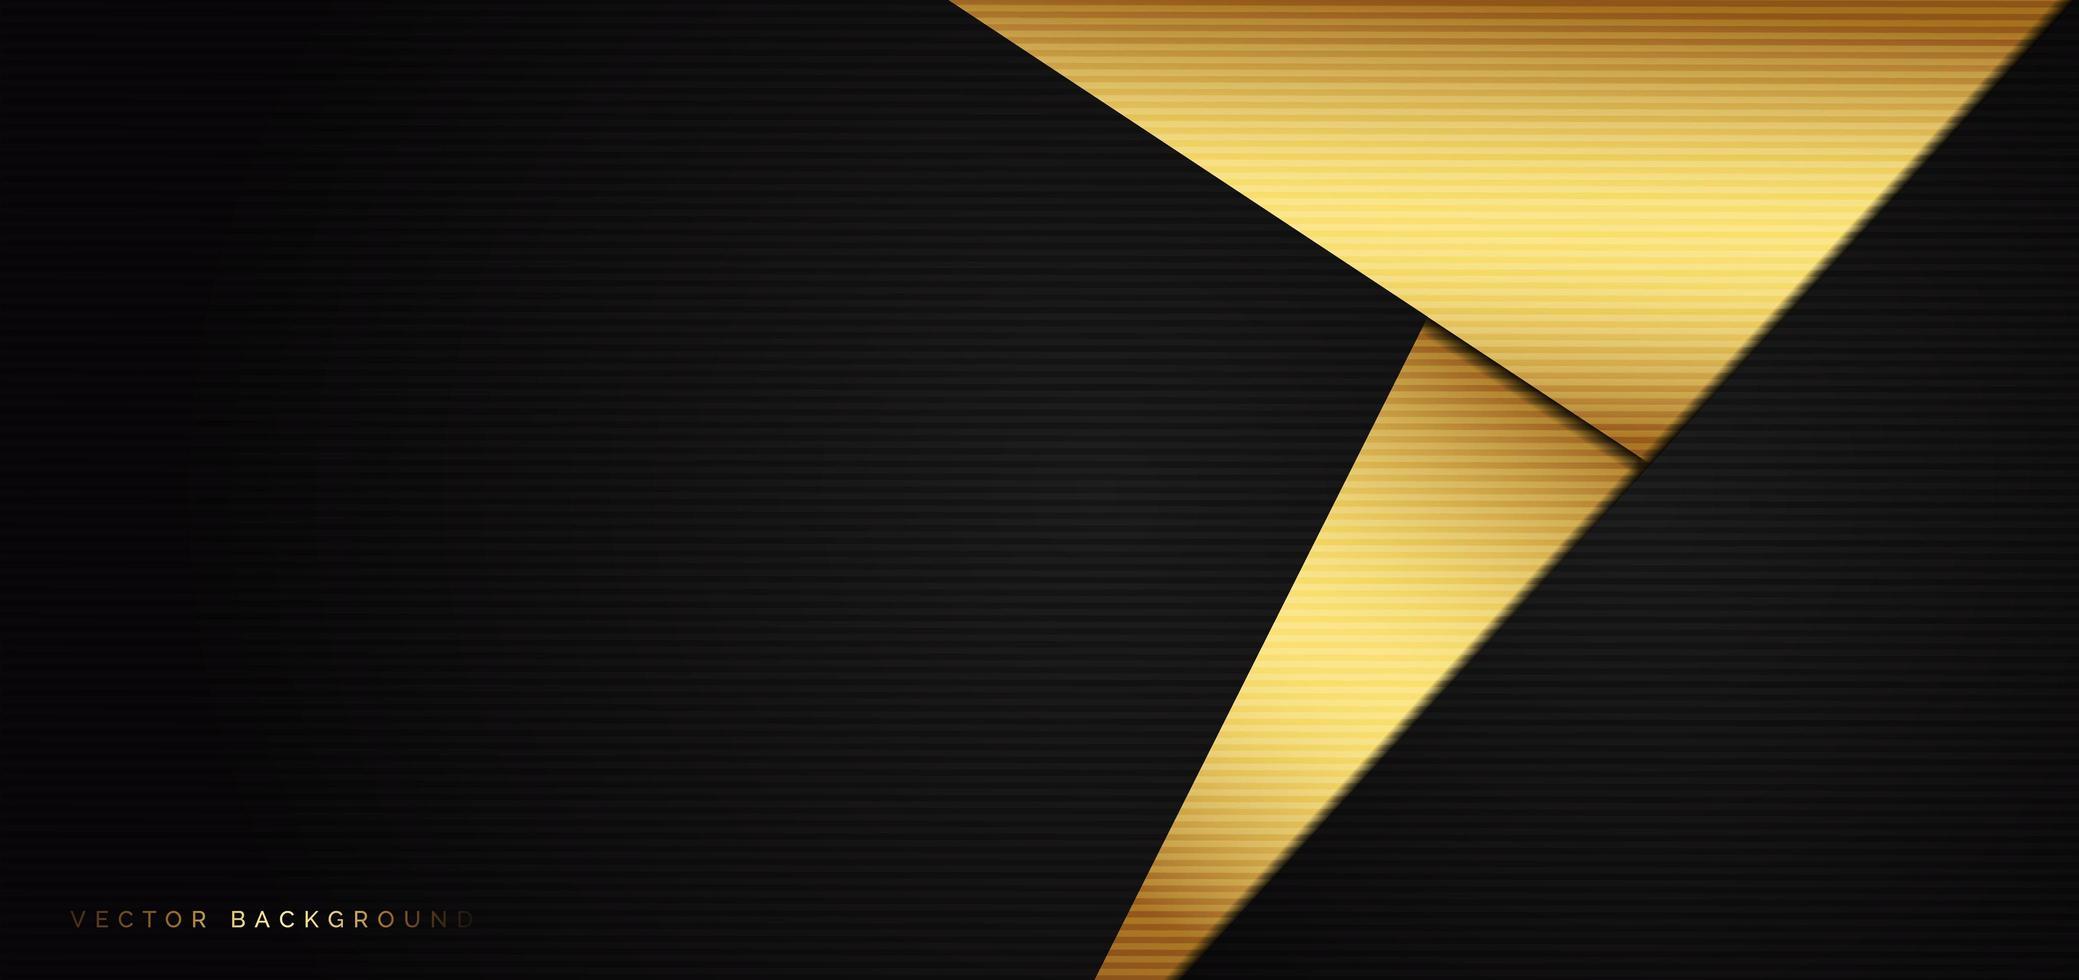 abstrait avec des triangles noirs et or vecteur